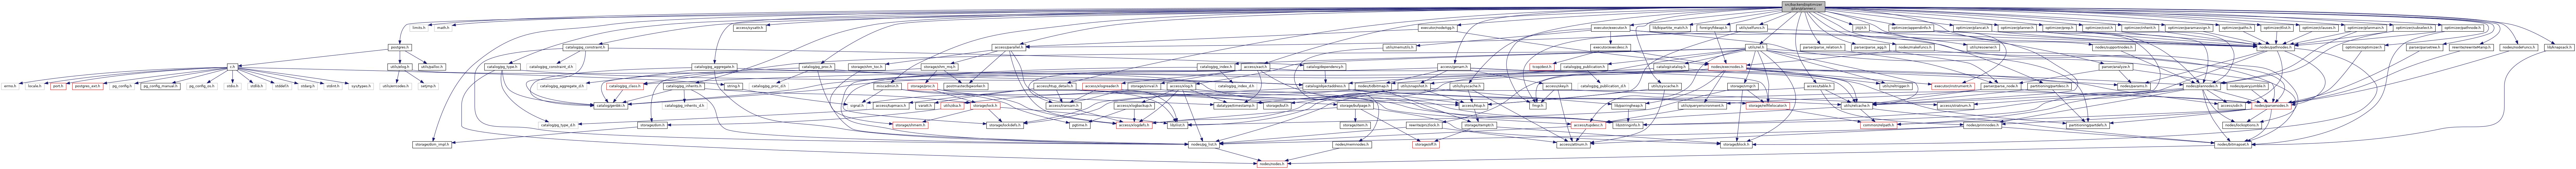 PostgreSQL Source Code: src/backend/optimizer/plan/planner c